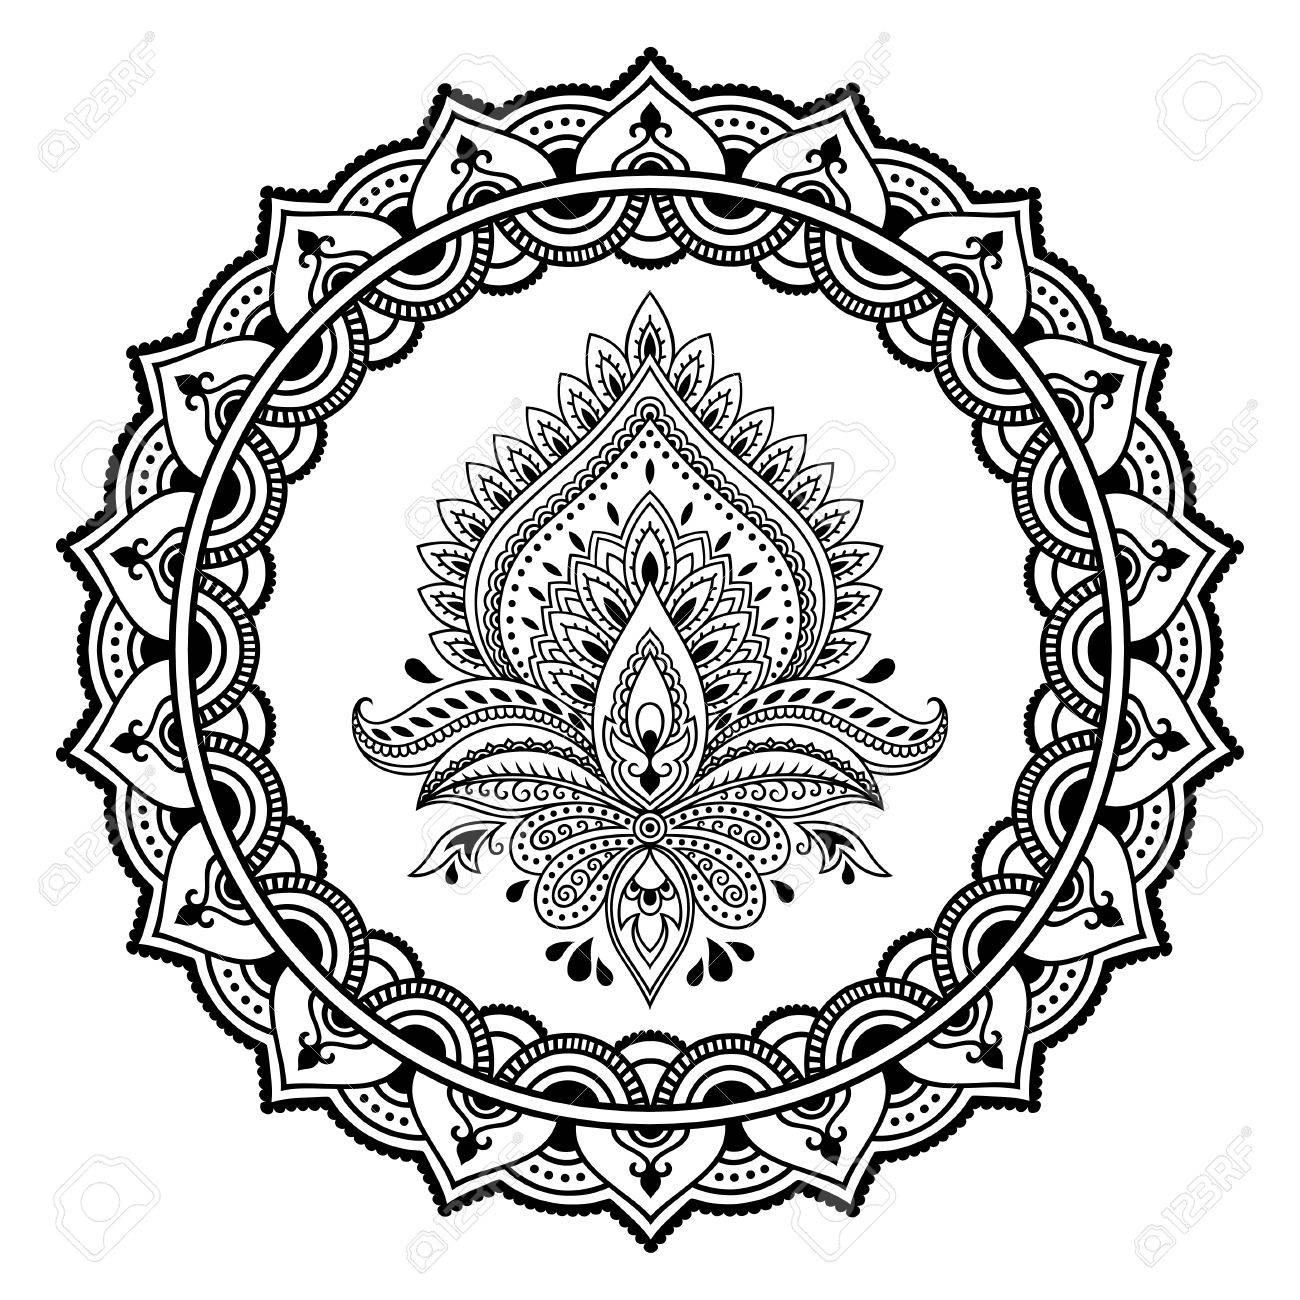 Eine Kreisförmige Muster In Form Einer Mandalahenna Tattoo Blume